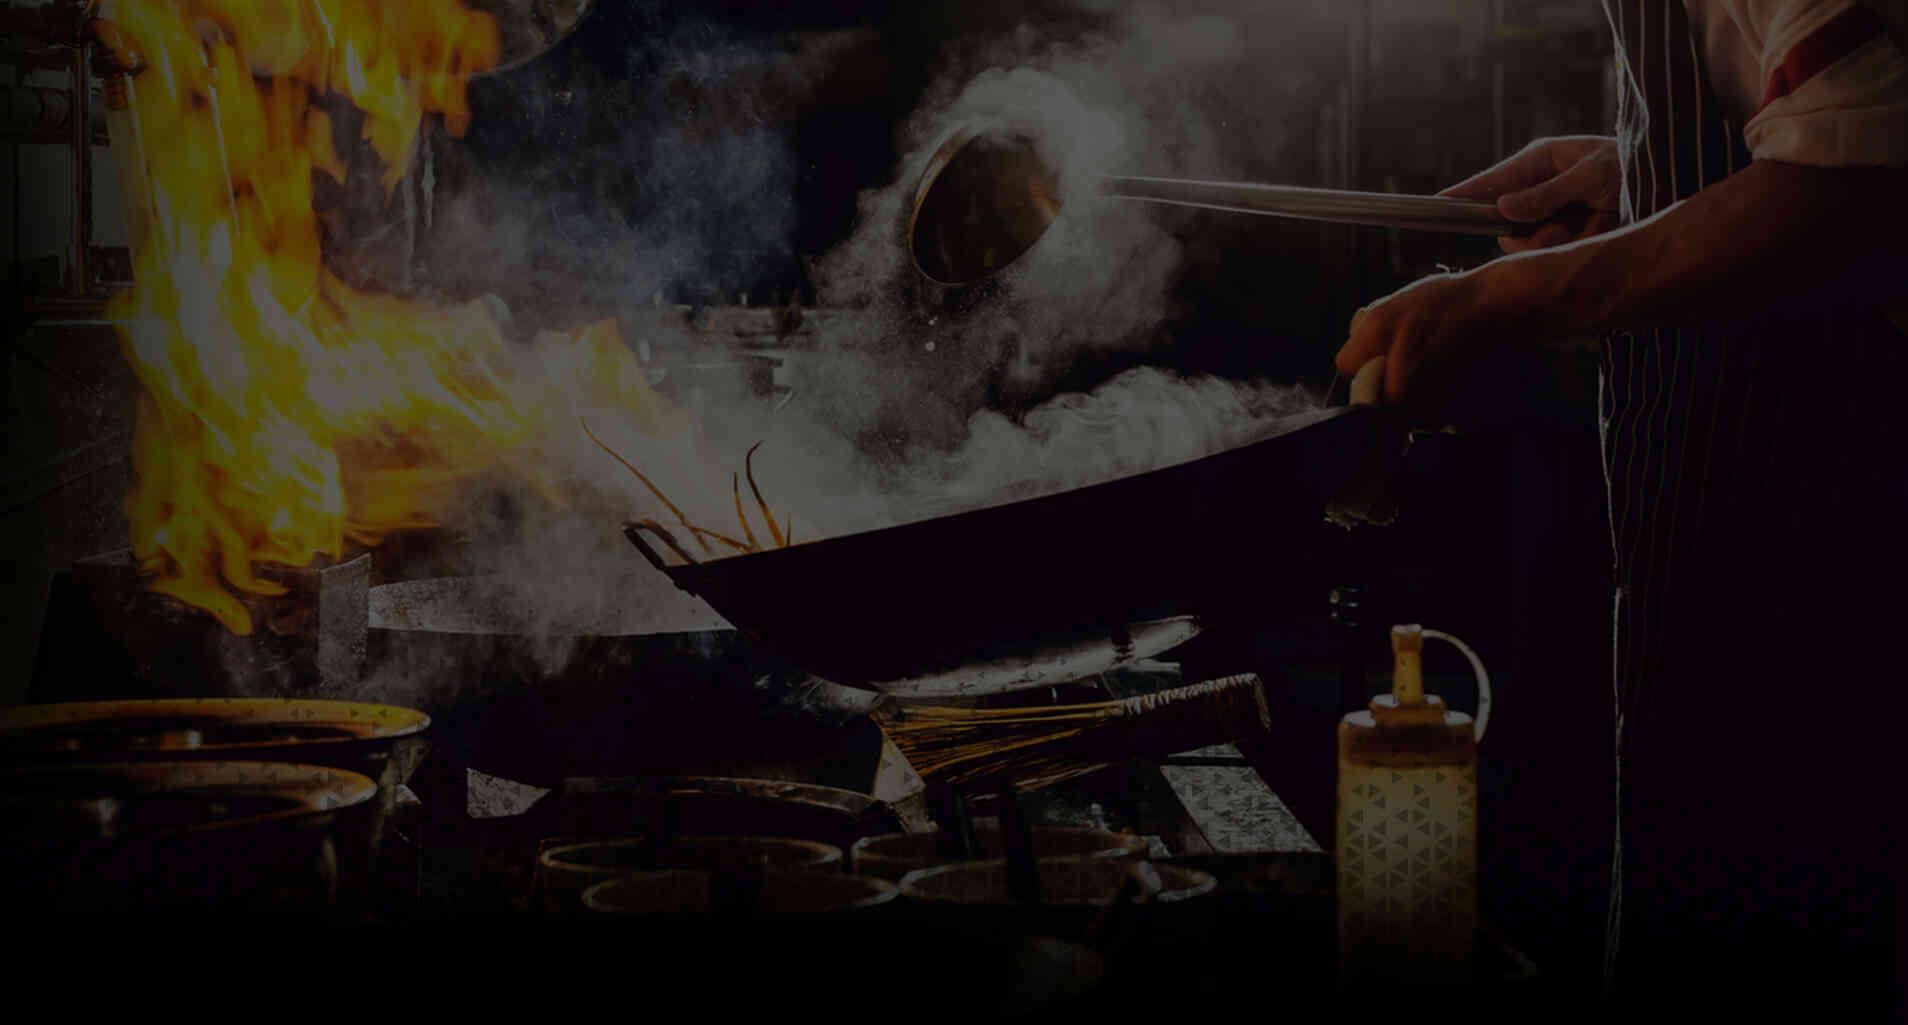 חברת קייטרינג לאירועים הד שף - תמונת רקע לדף הבית